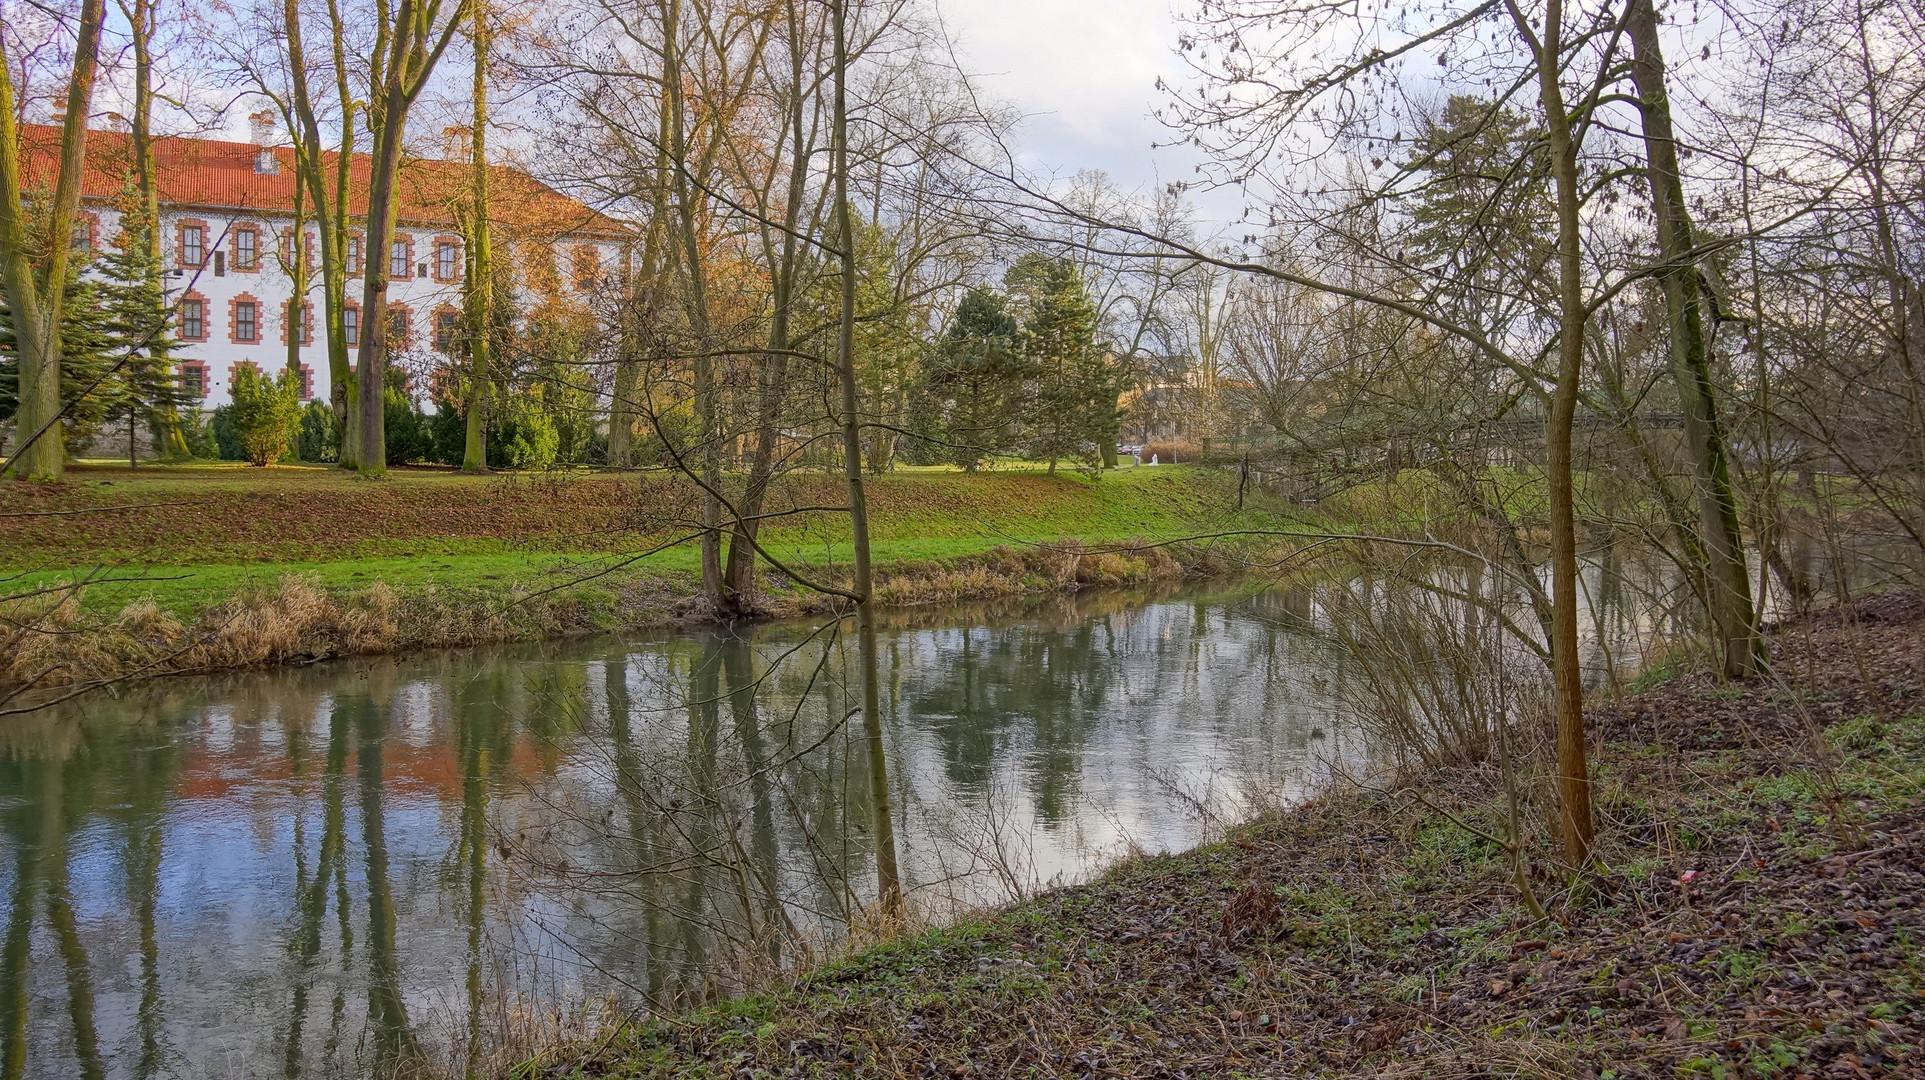 Meiningen, im Schlosspark (en los jardines del palacio)